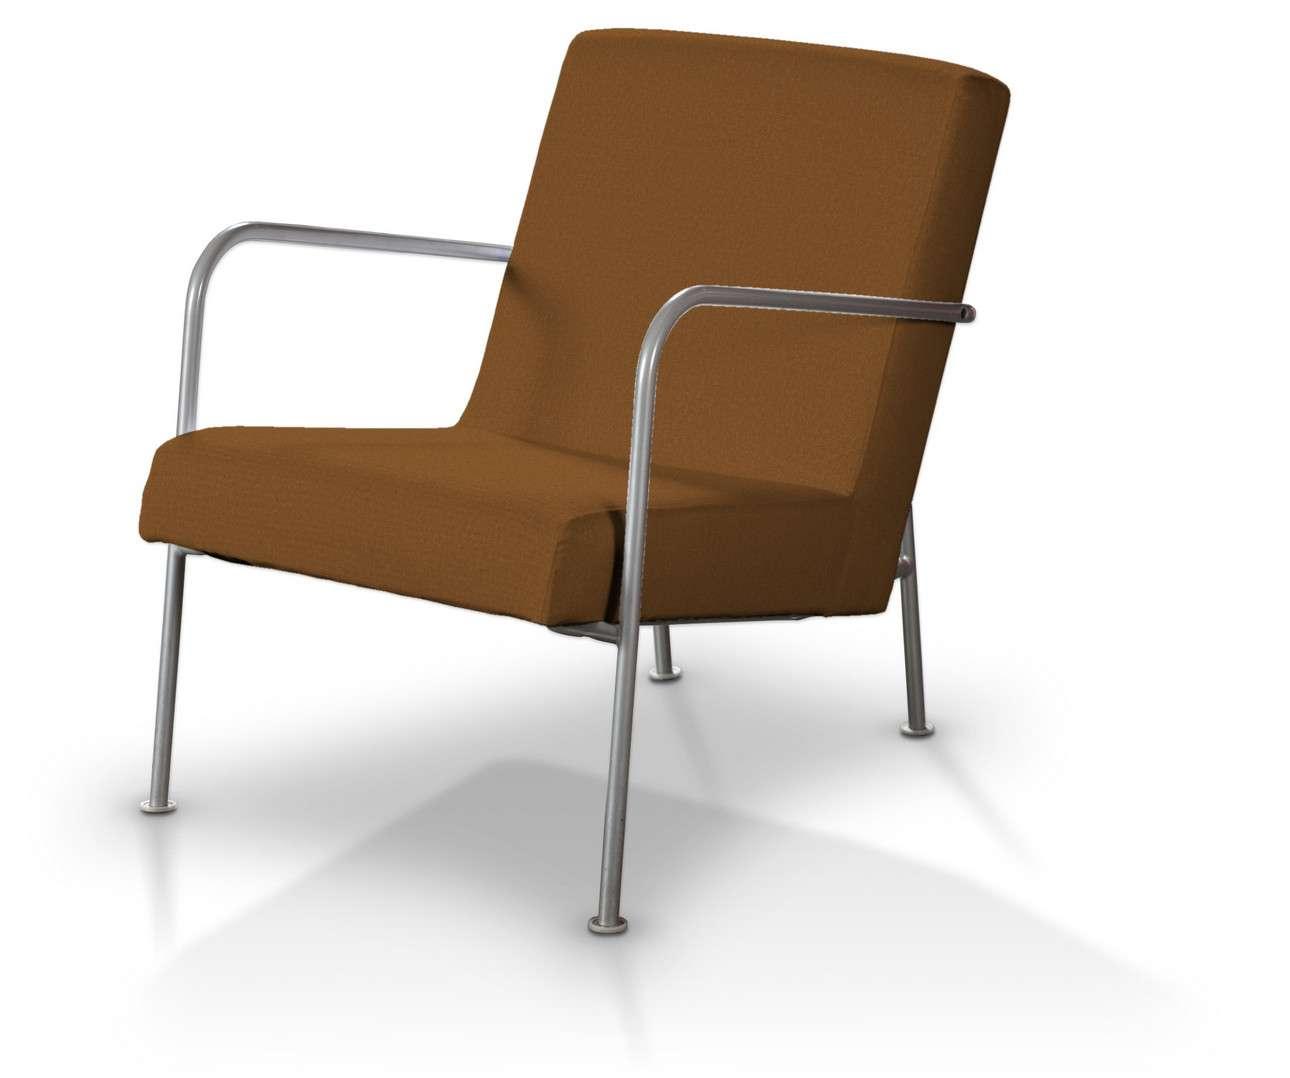 Bezug für Ikea PS Sessel von der Kollektion Living II, Stoff: 161-28